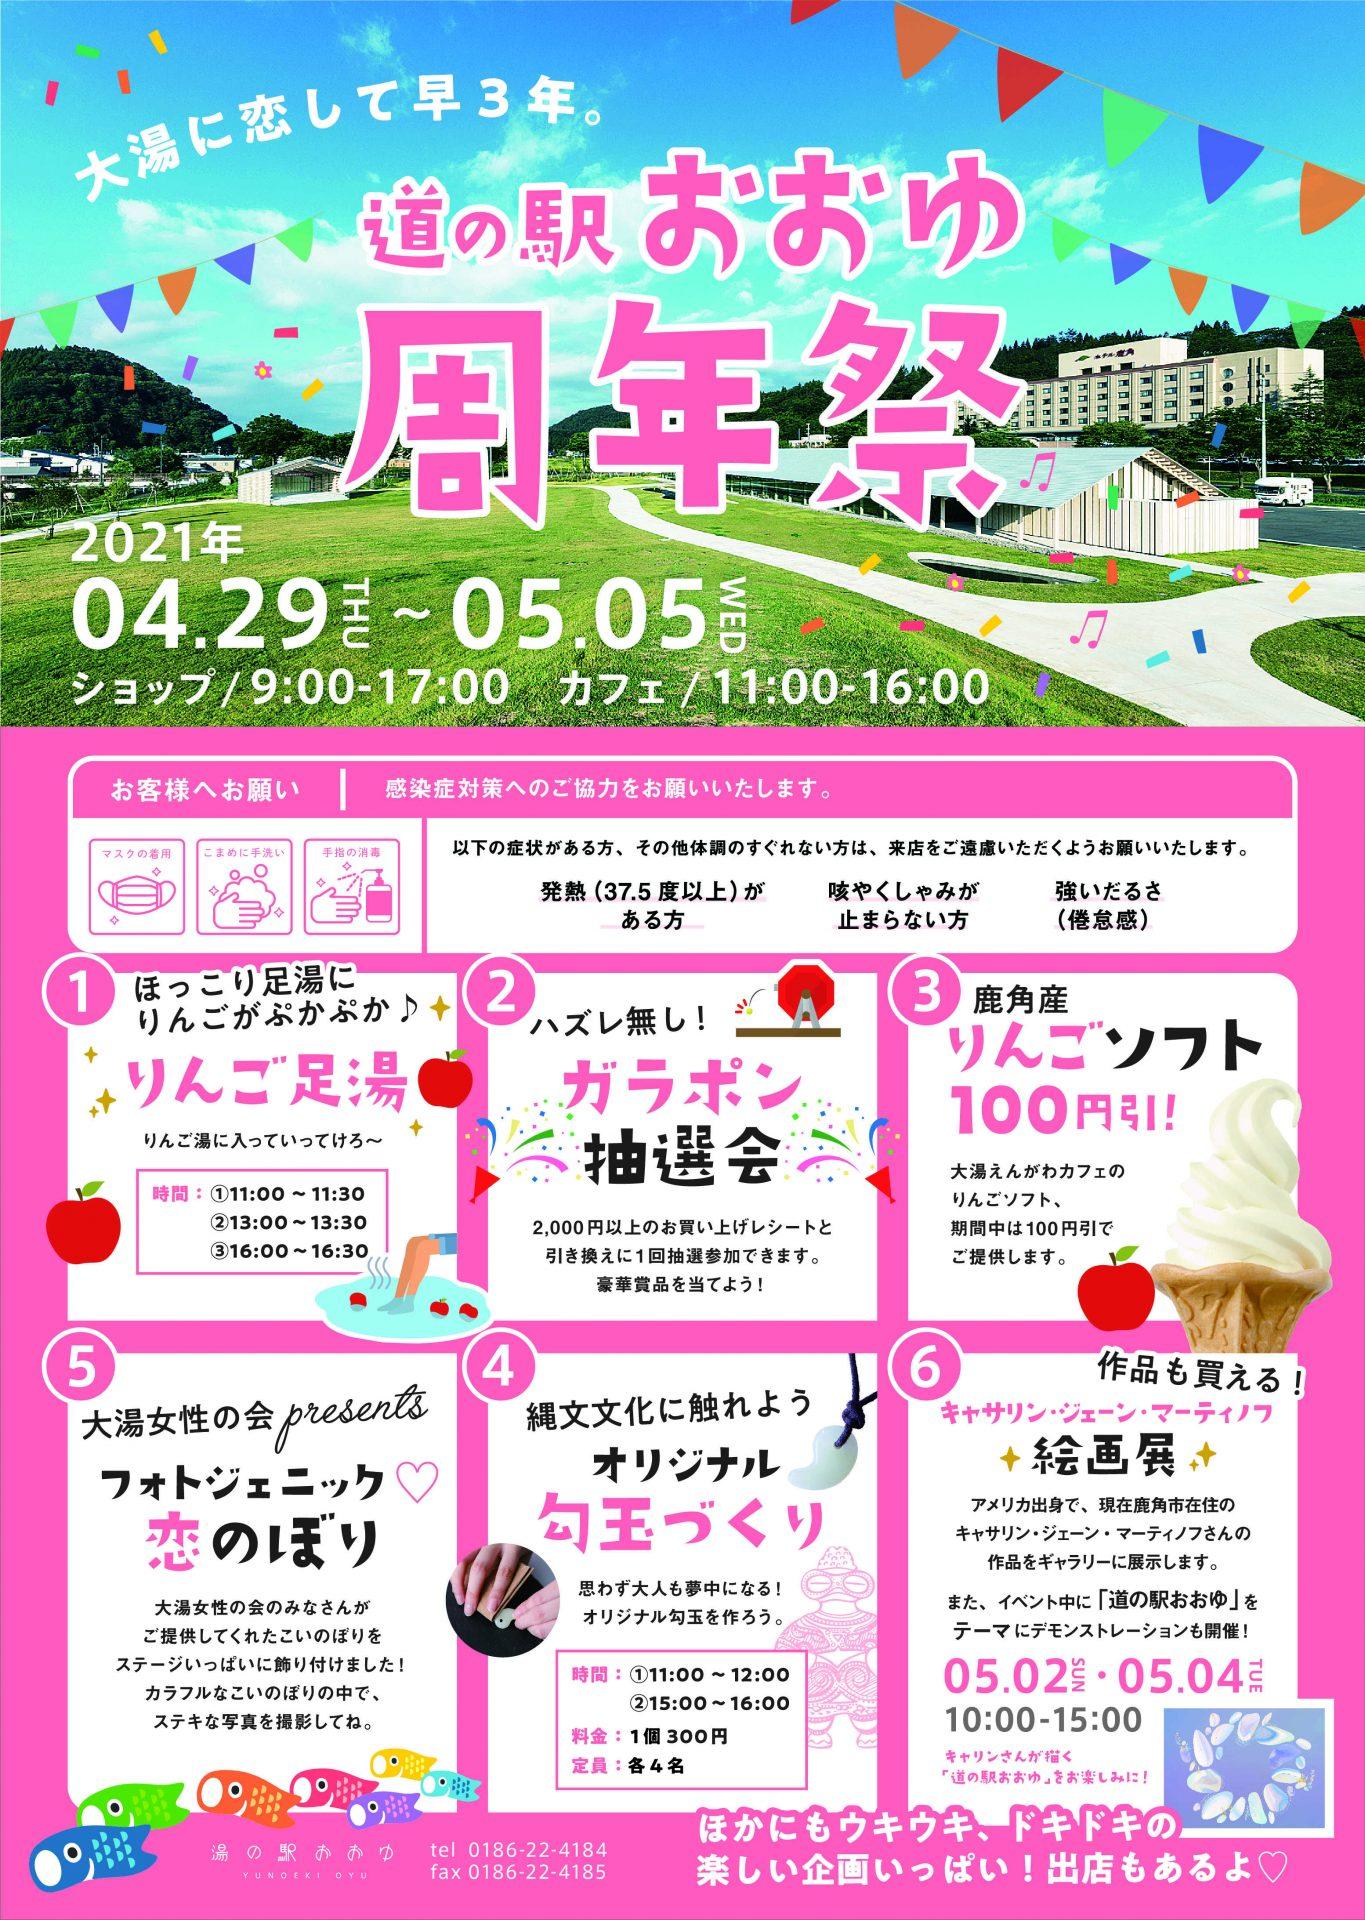 道の駅おおゆ 周年祭! @ 道の駅おおゆ